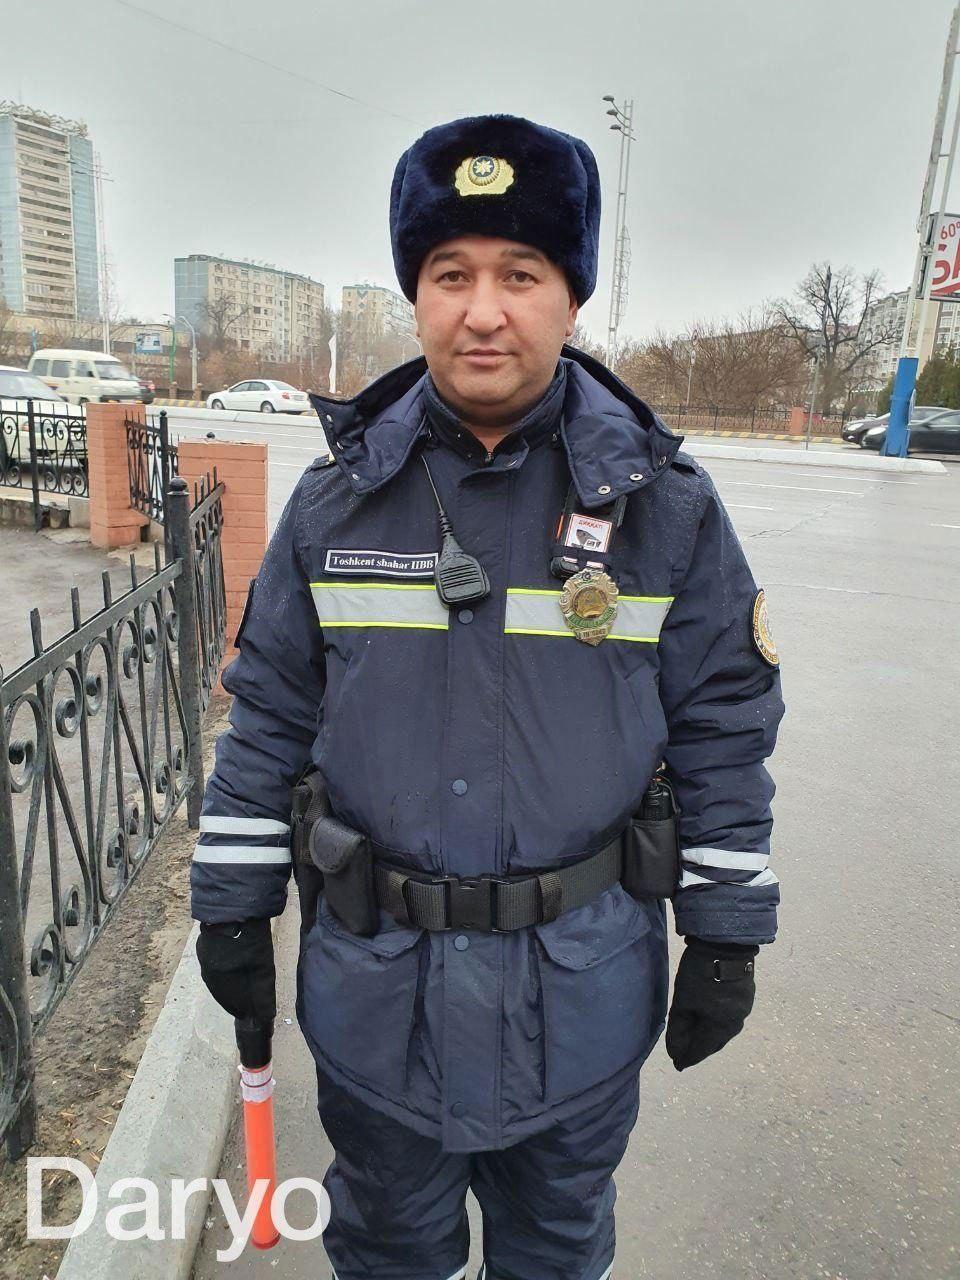 Новая форма инспекторов ГАИ в Узбекистане. Теперь форма темно-синего цвета, шапка заменила зимнюю фуражку, добавлены новые светоотражающие элементы, а также - боди-камера.